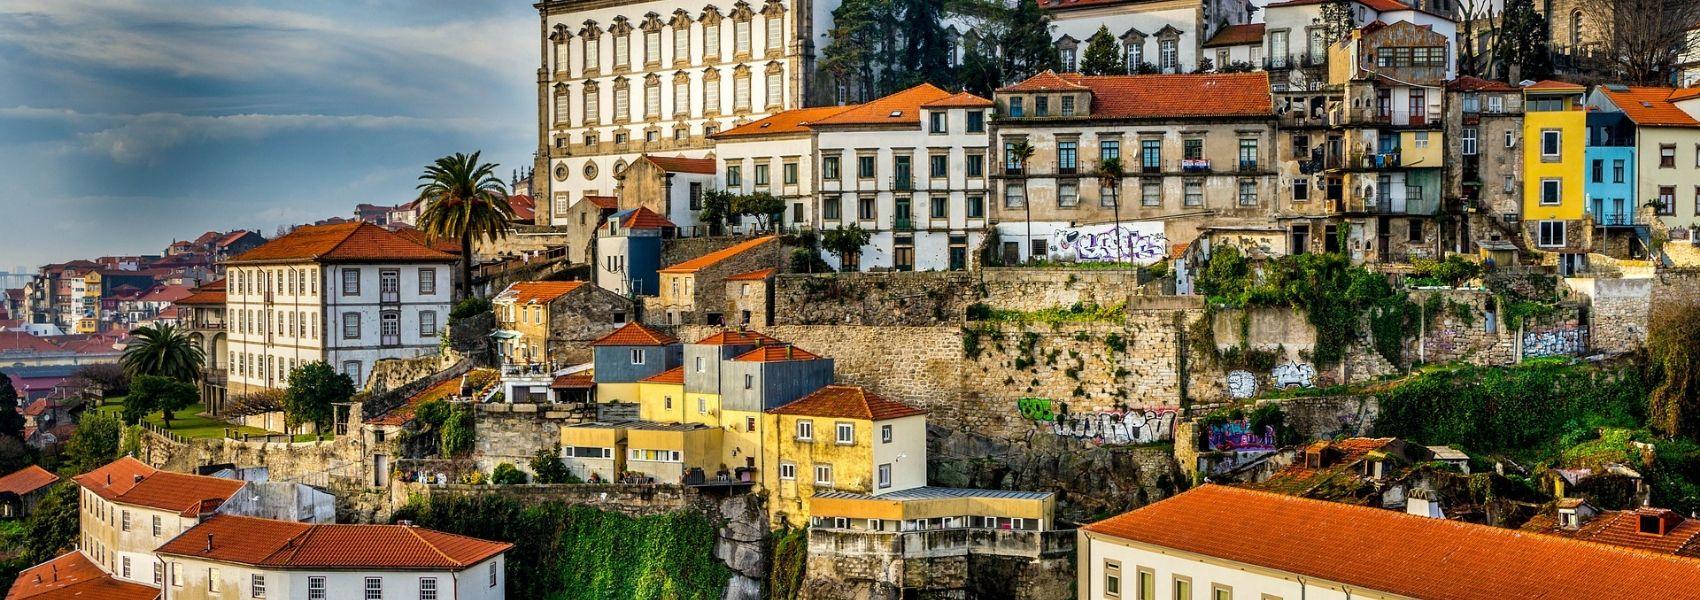 maior congresso de neuro-oftalmologia no Porto